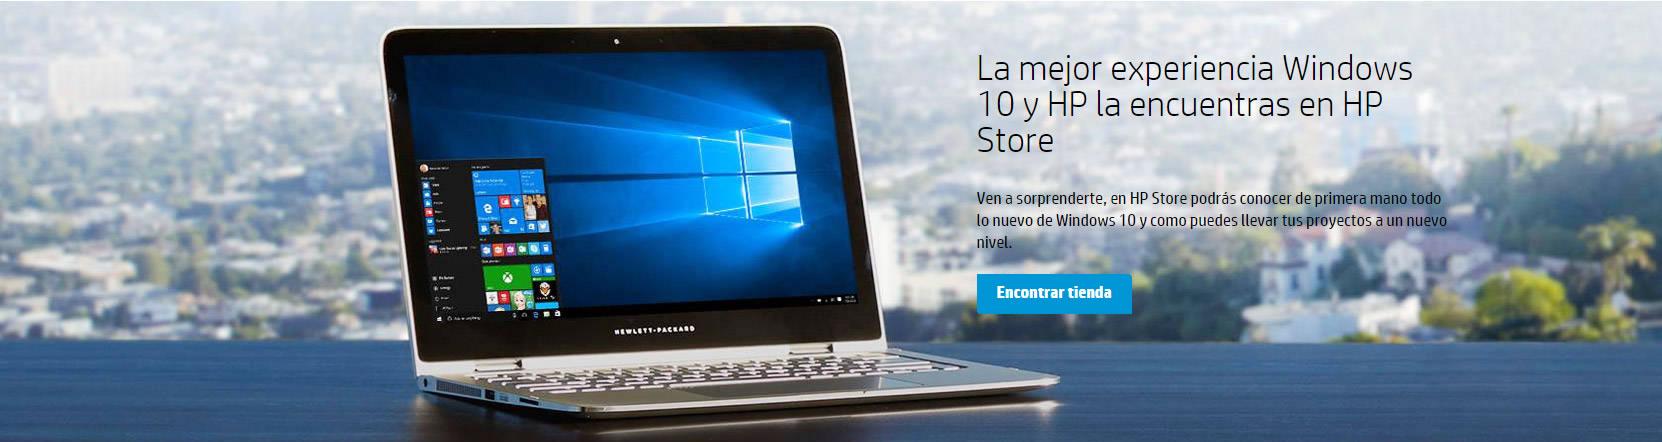 la-mejor-experiencia-windows.jpg